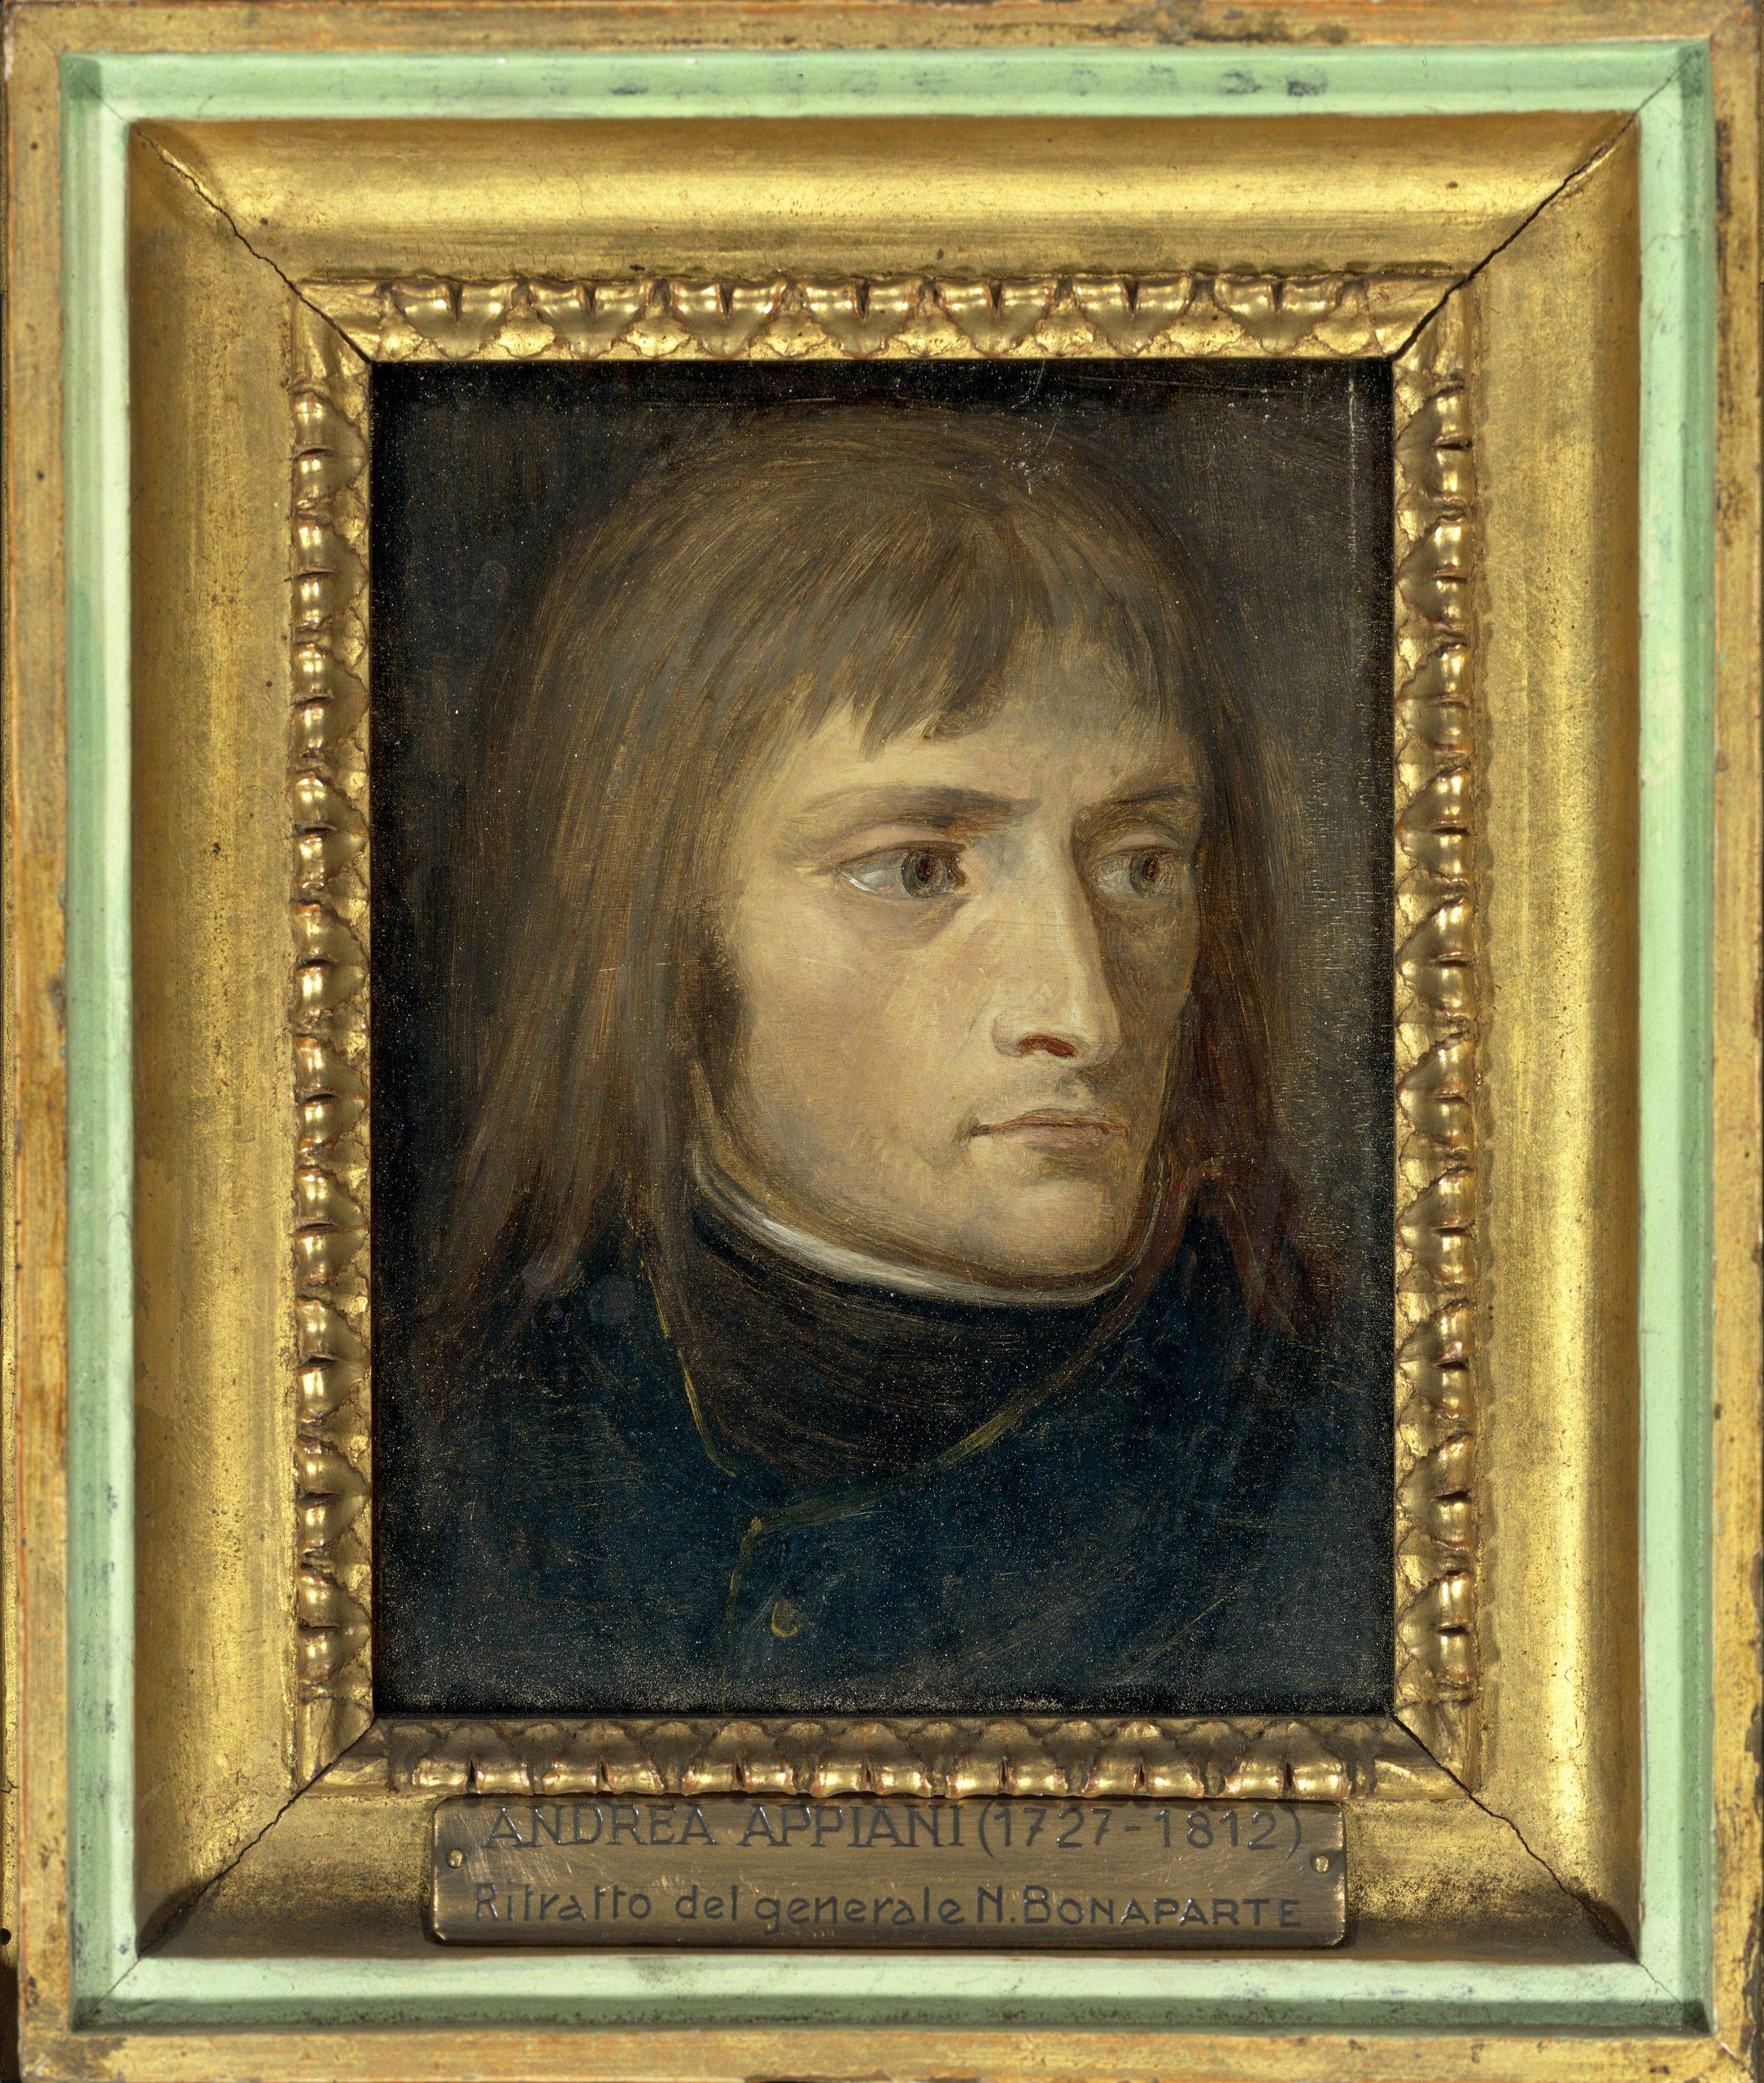 <p>Andrea Appiani,<br /> <em>Ritratto di Napoleone</em><br /> Olio su tavola</p>